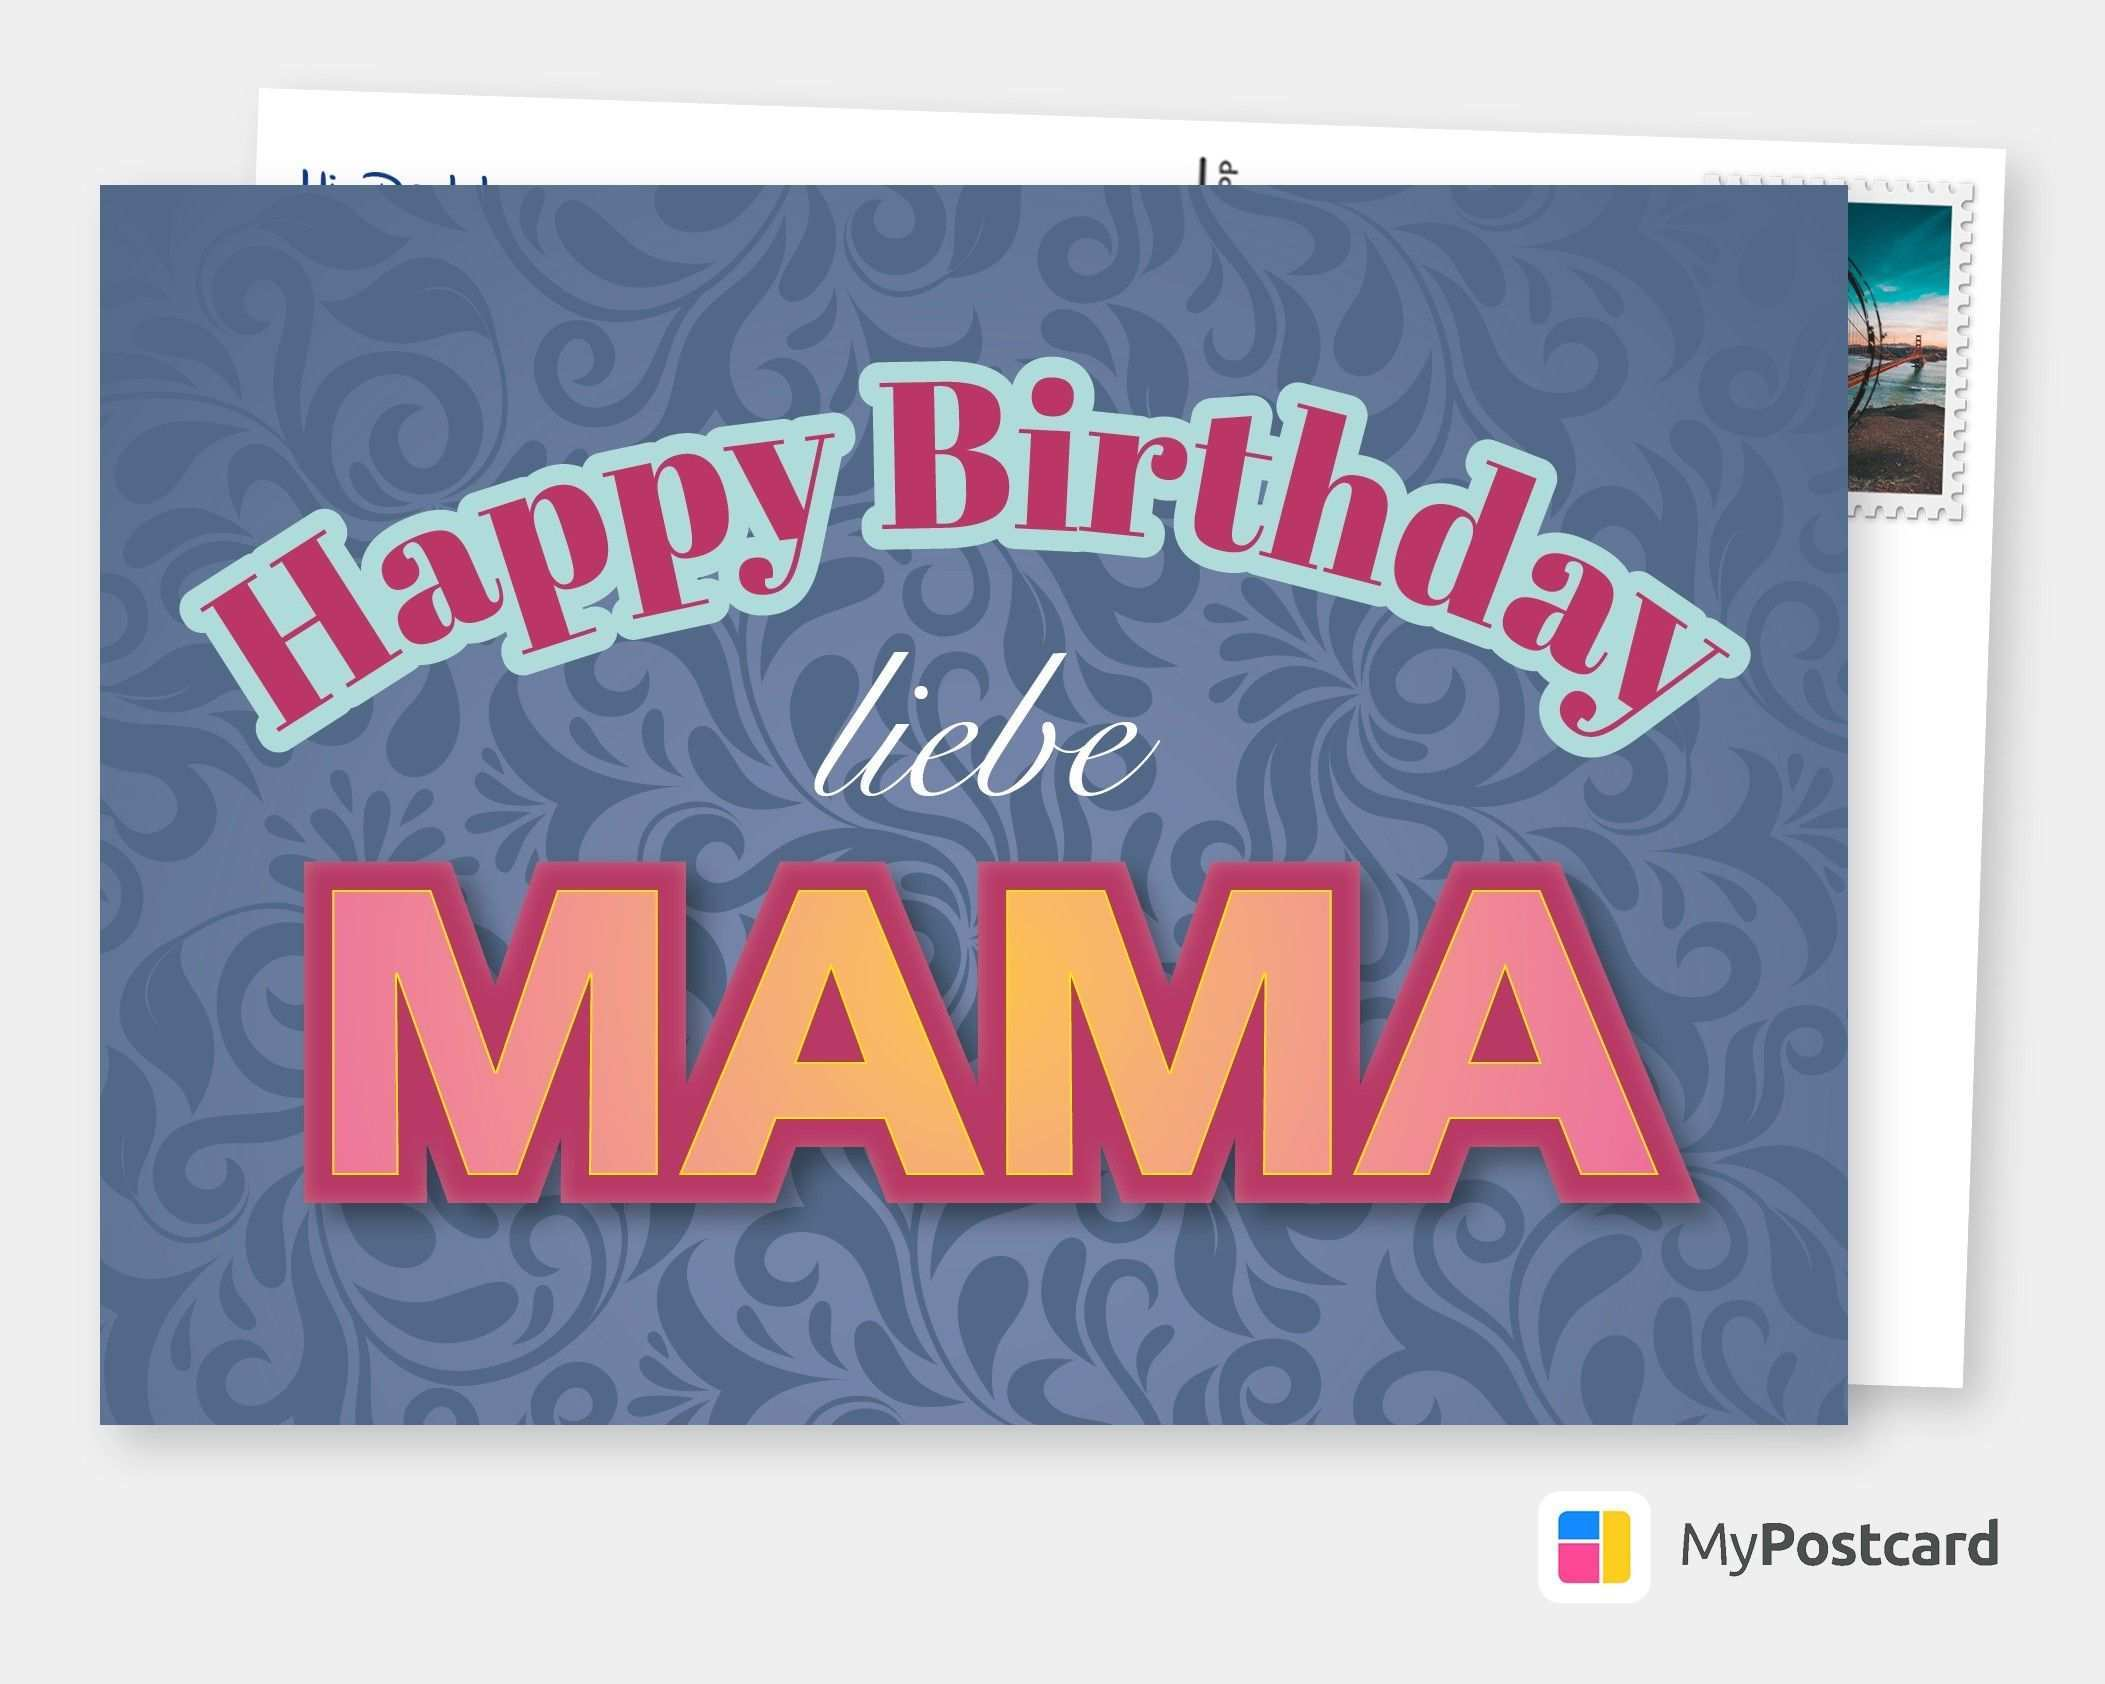 Happy Birthday Liebe Mama Geburtstagskarten Spruche Echte Postkarten Online Versenden Geburtstag Liebe Geburtstag Gratulieren Liebe Mama